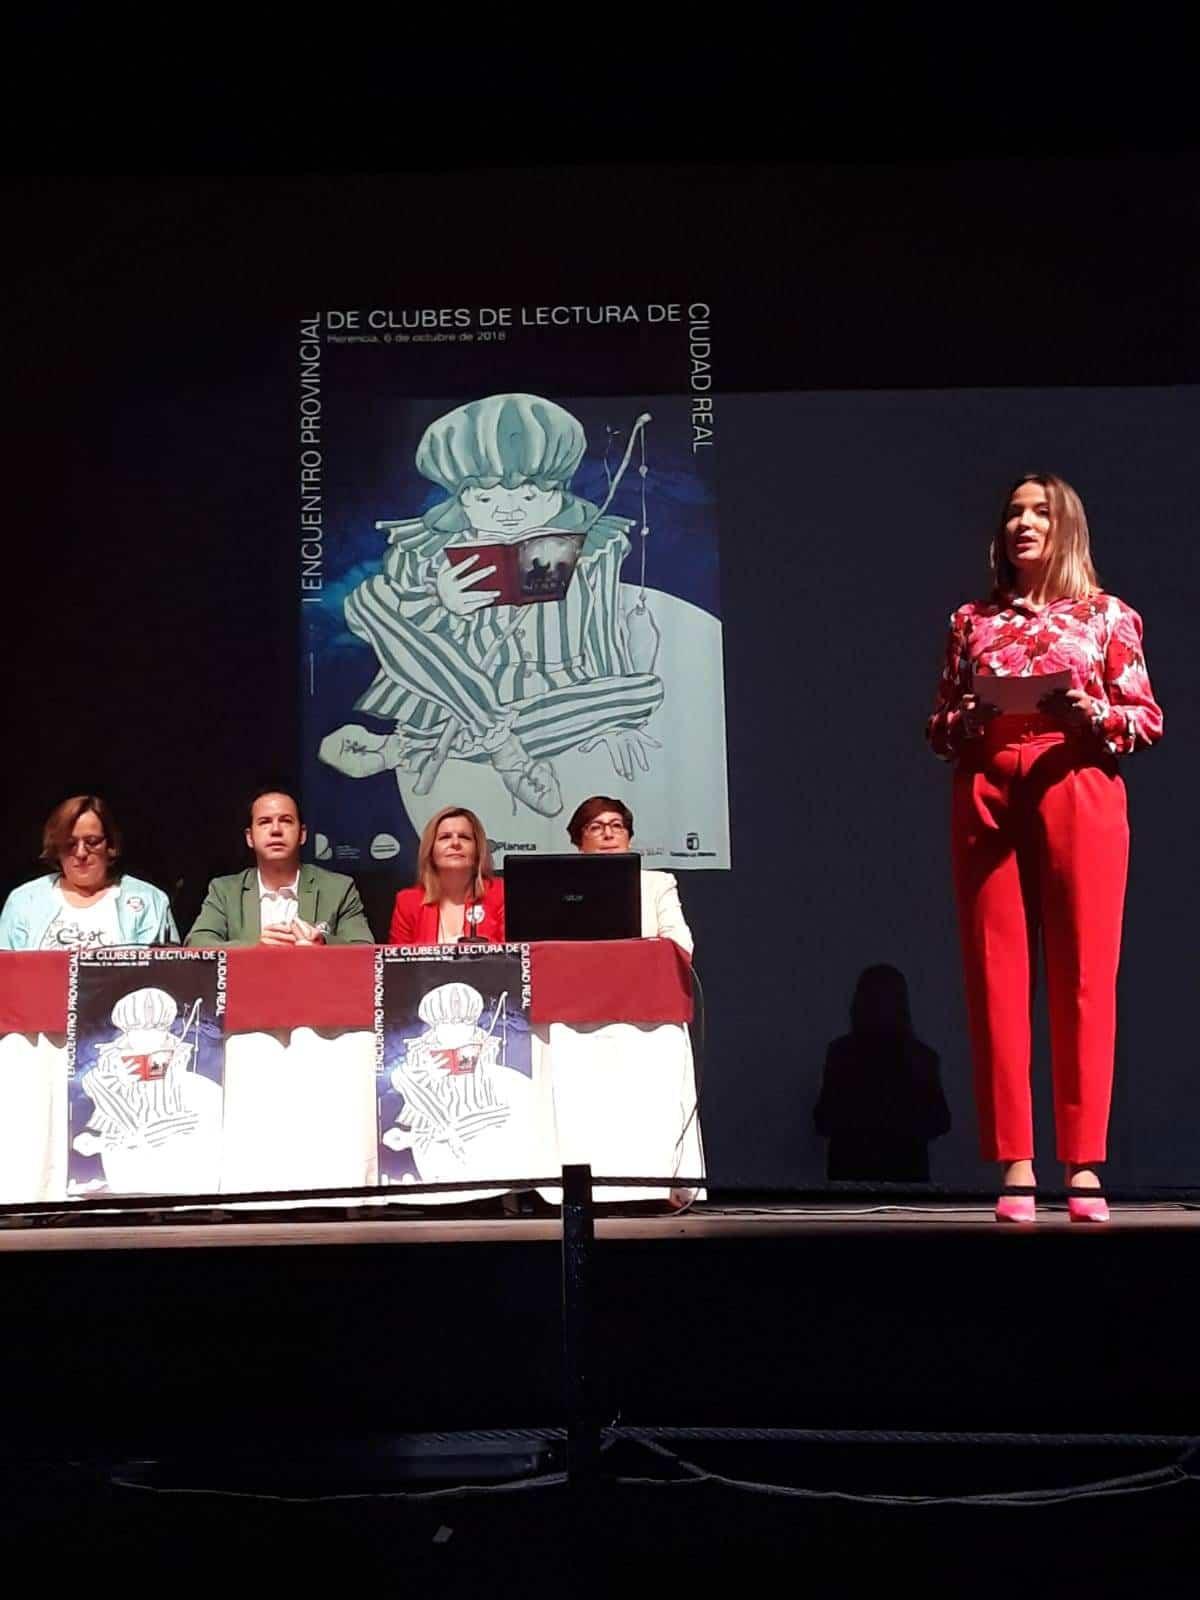 Encuentro provincial de Clubes de Lectura3 - Herencia acoge el I Encuentro Provincial de Clubes de Lectura de Ciudad Real